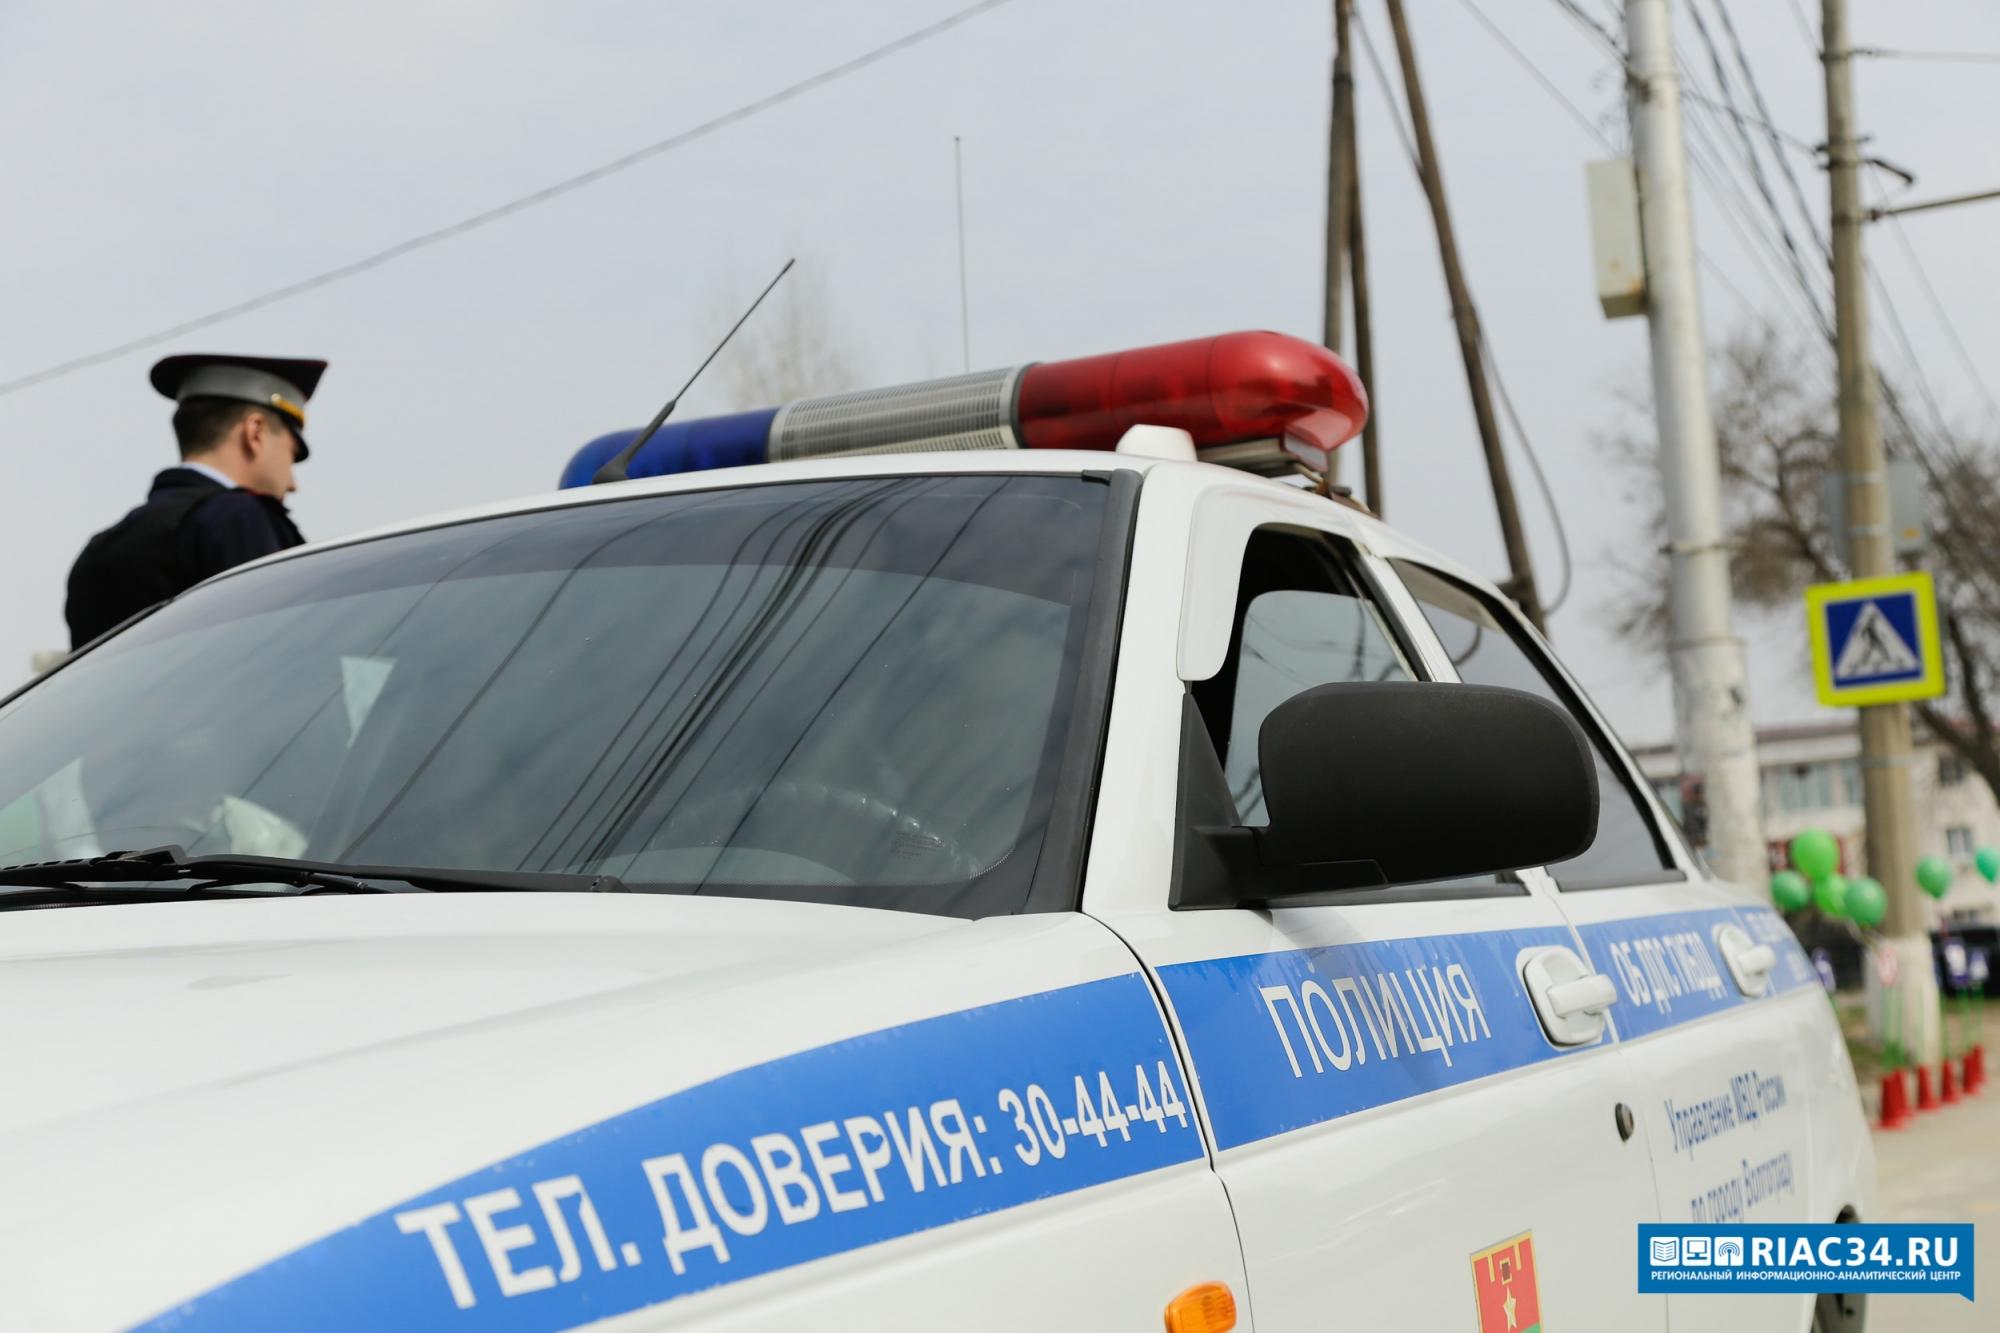 Уволжанки наулице отобрали кошелек со112 тысячами руб.